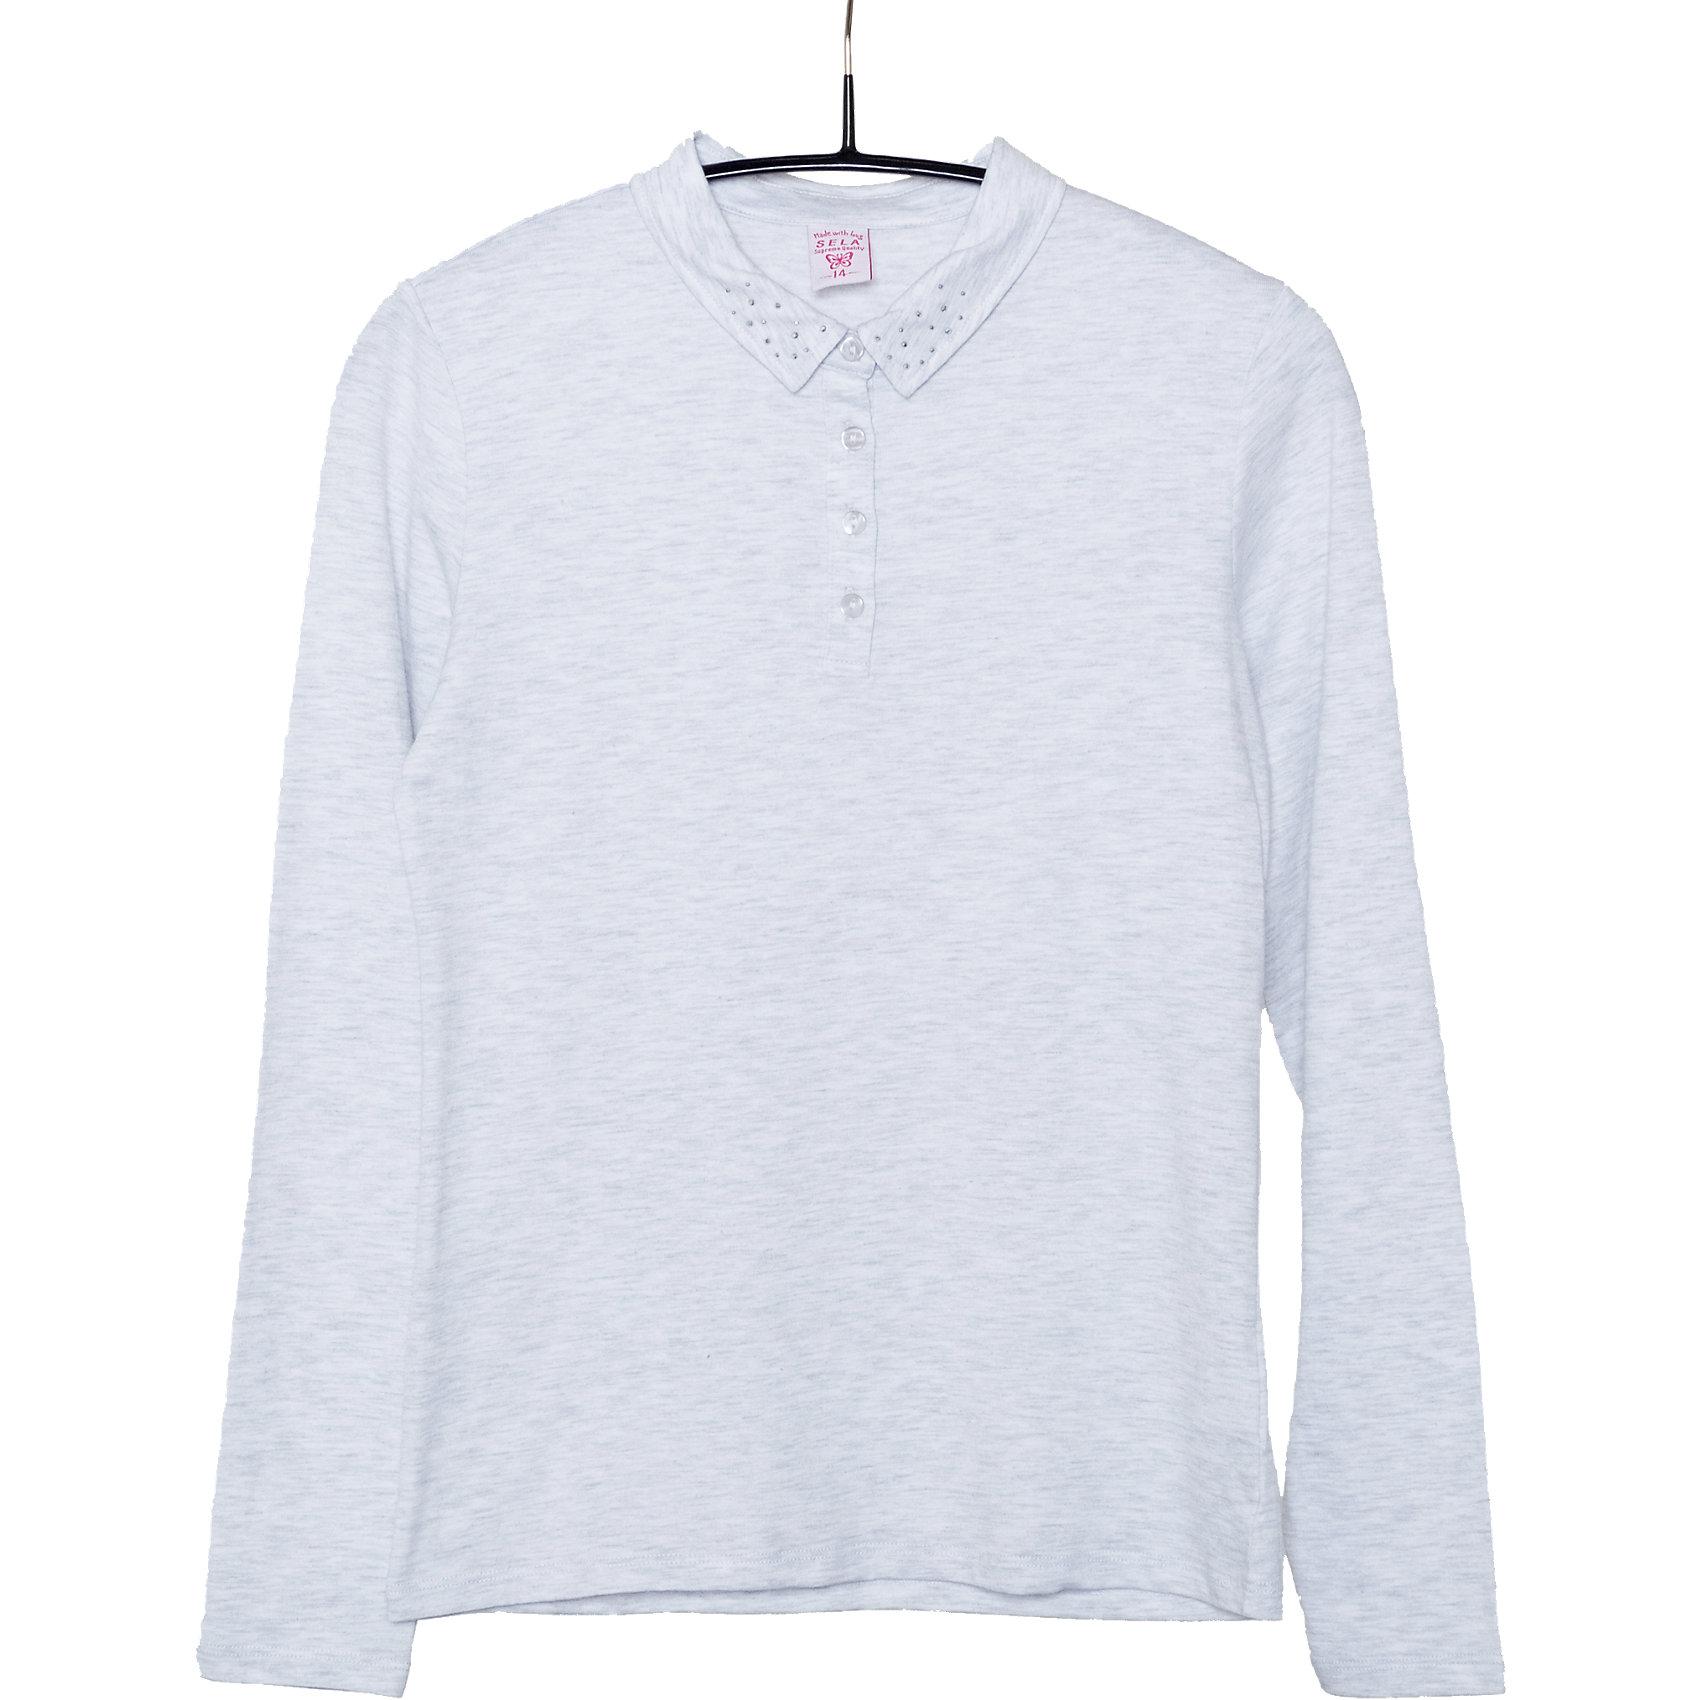 Блузка для девочки SELAБлузки и рубашки<br>Блузка для девочки из коллекции осень-зима 2016-2017 от известного бренда Sela(сэла). Модель имеет длинные рукава и полуприлегающий силуэт. Классическая светлая блузка - отличный вариант для важных мероприятий!<br>Особенности:<br>-длинные рукава<br>-полуприлегающий силуэт<br>Состав: 5% эластан, 95% хлопок<br>Блузку для девочек Sela(сэла) можно купить в нашем интернет-магазине.<br><br>Ширина мм: 186<br>Глубина мм: 87<br>Высота мм: 198<br>Вес г: 197<br>Цвет: серый<br>Возраст от месяцев: 156<br>Возраст до месяцев: 168<br>Пол: Женский<br>Возраст: Детский<br>Размер: 164,170,152,158<br>SKU: 4883847